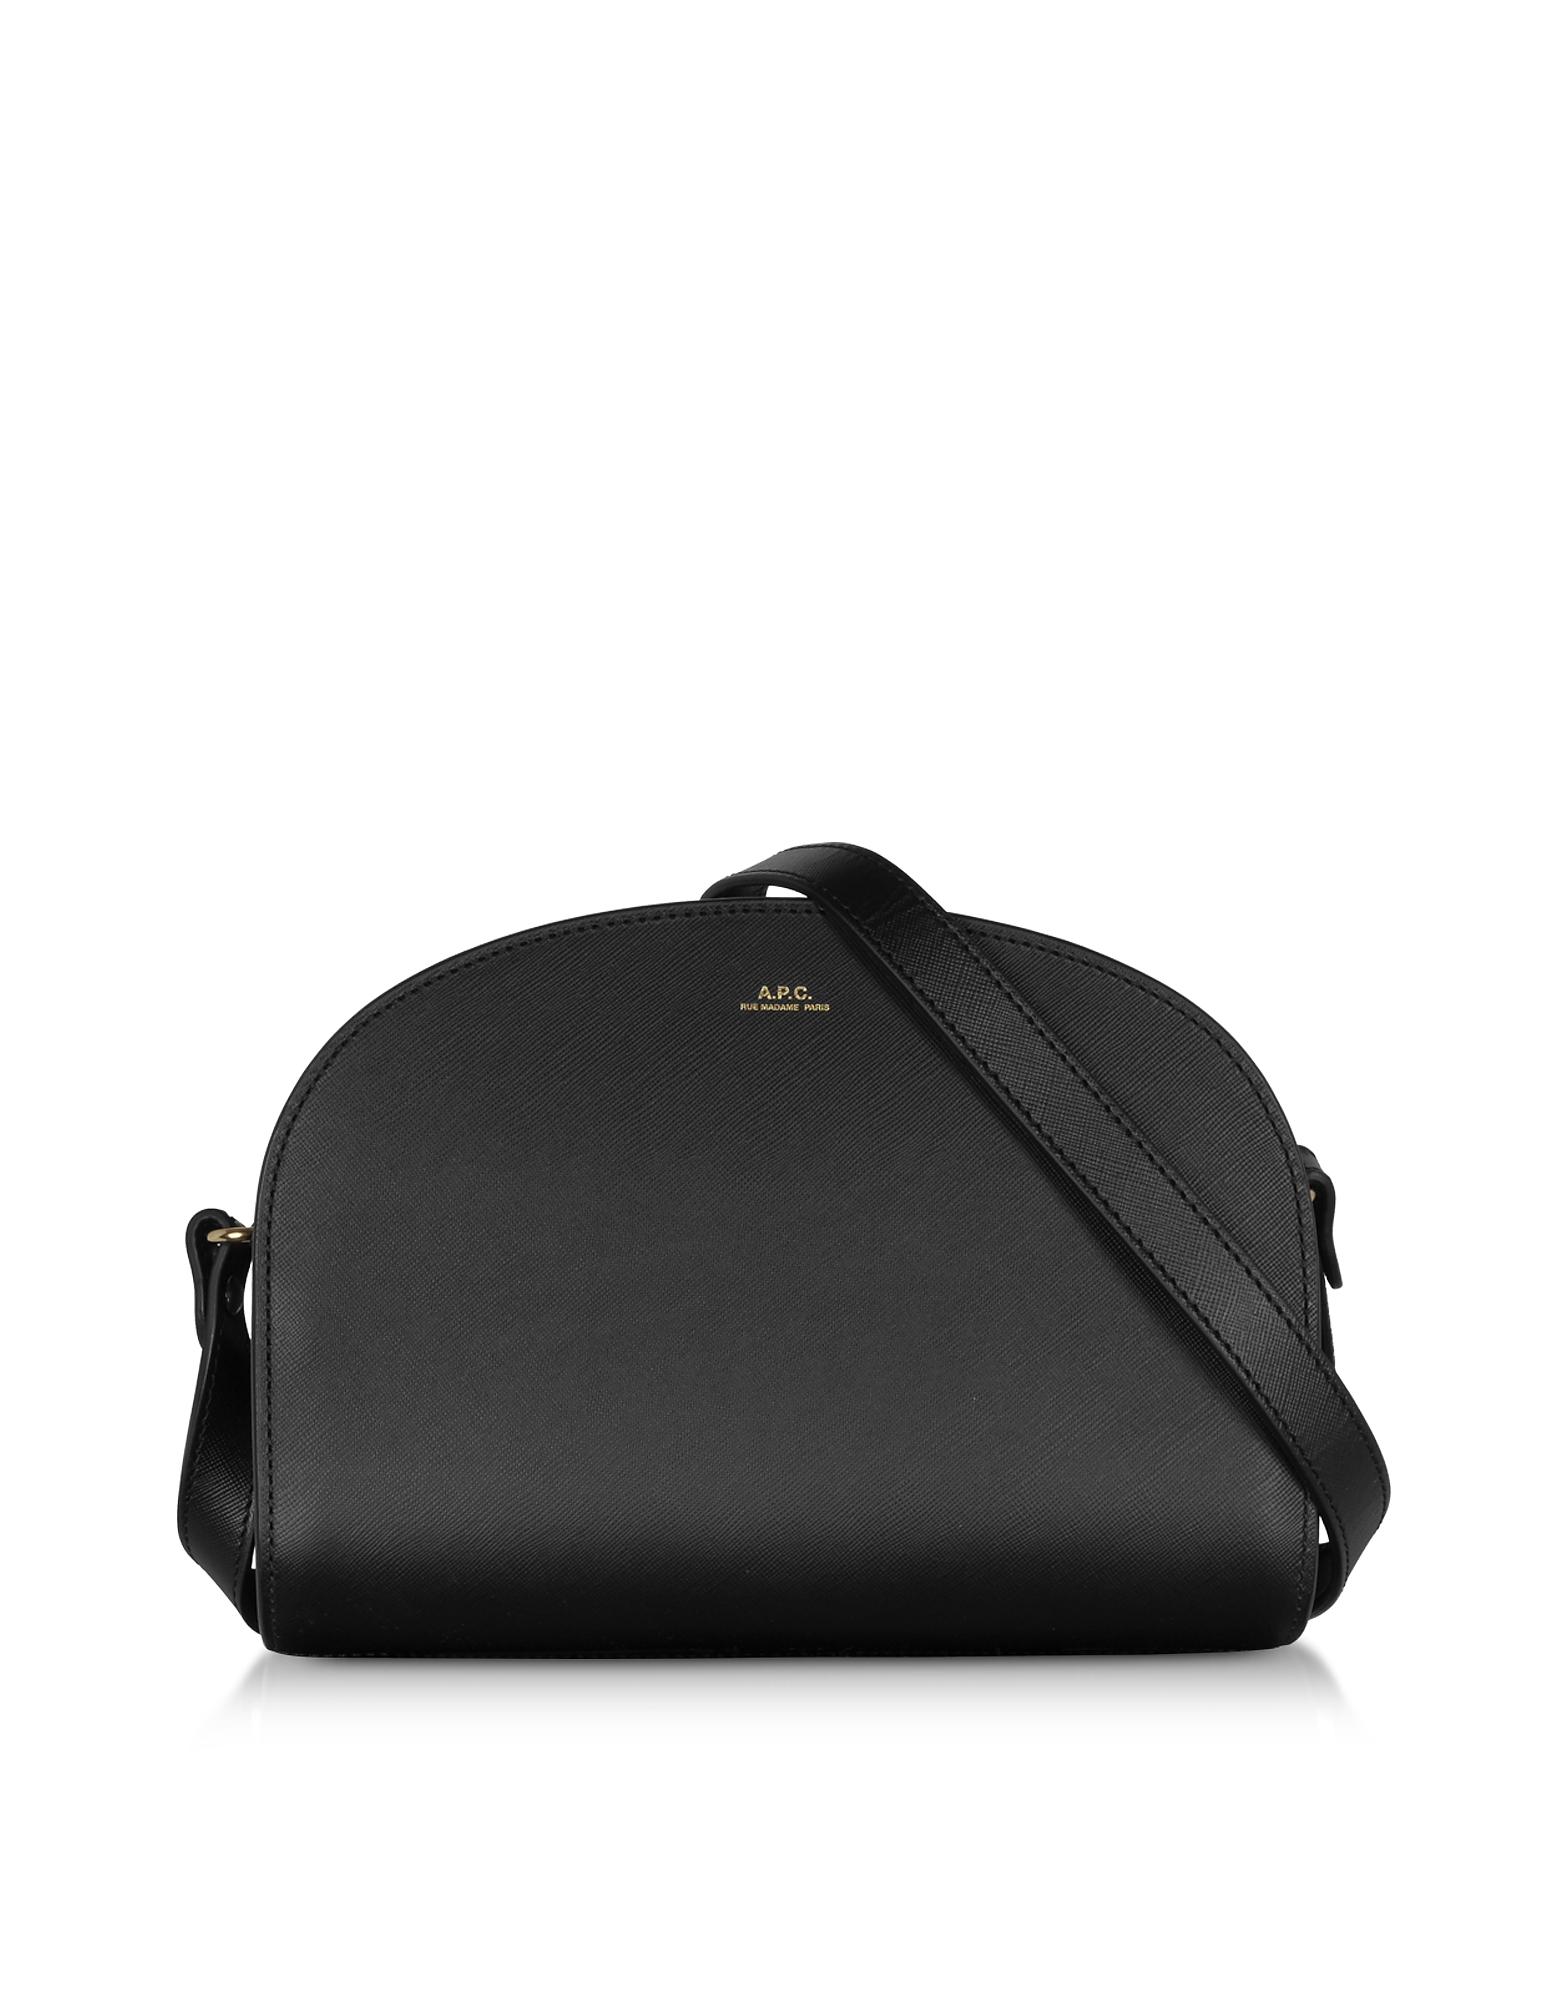 A.P.C. Designer Handbags, Black Embossed Leather Demi-Lune Shoulder Bag